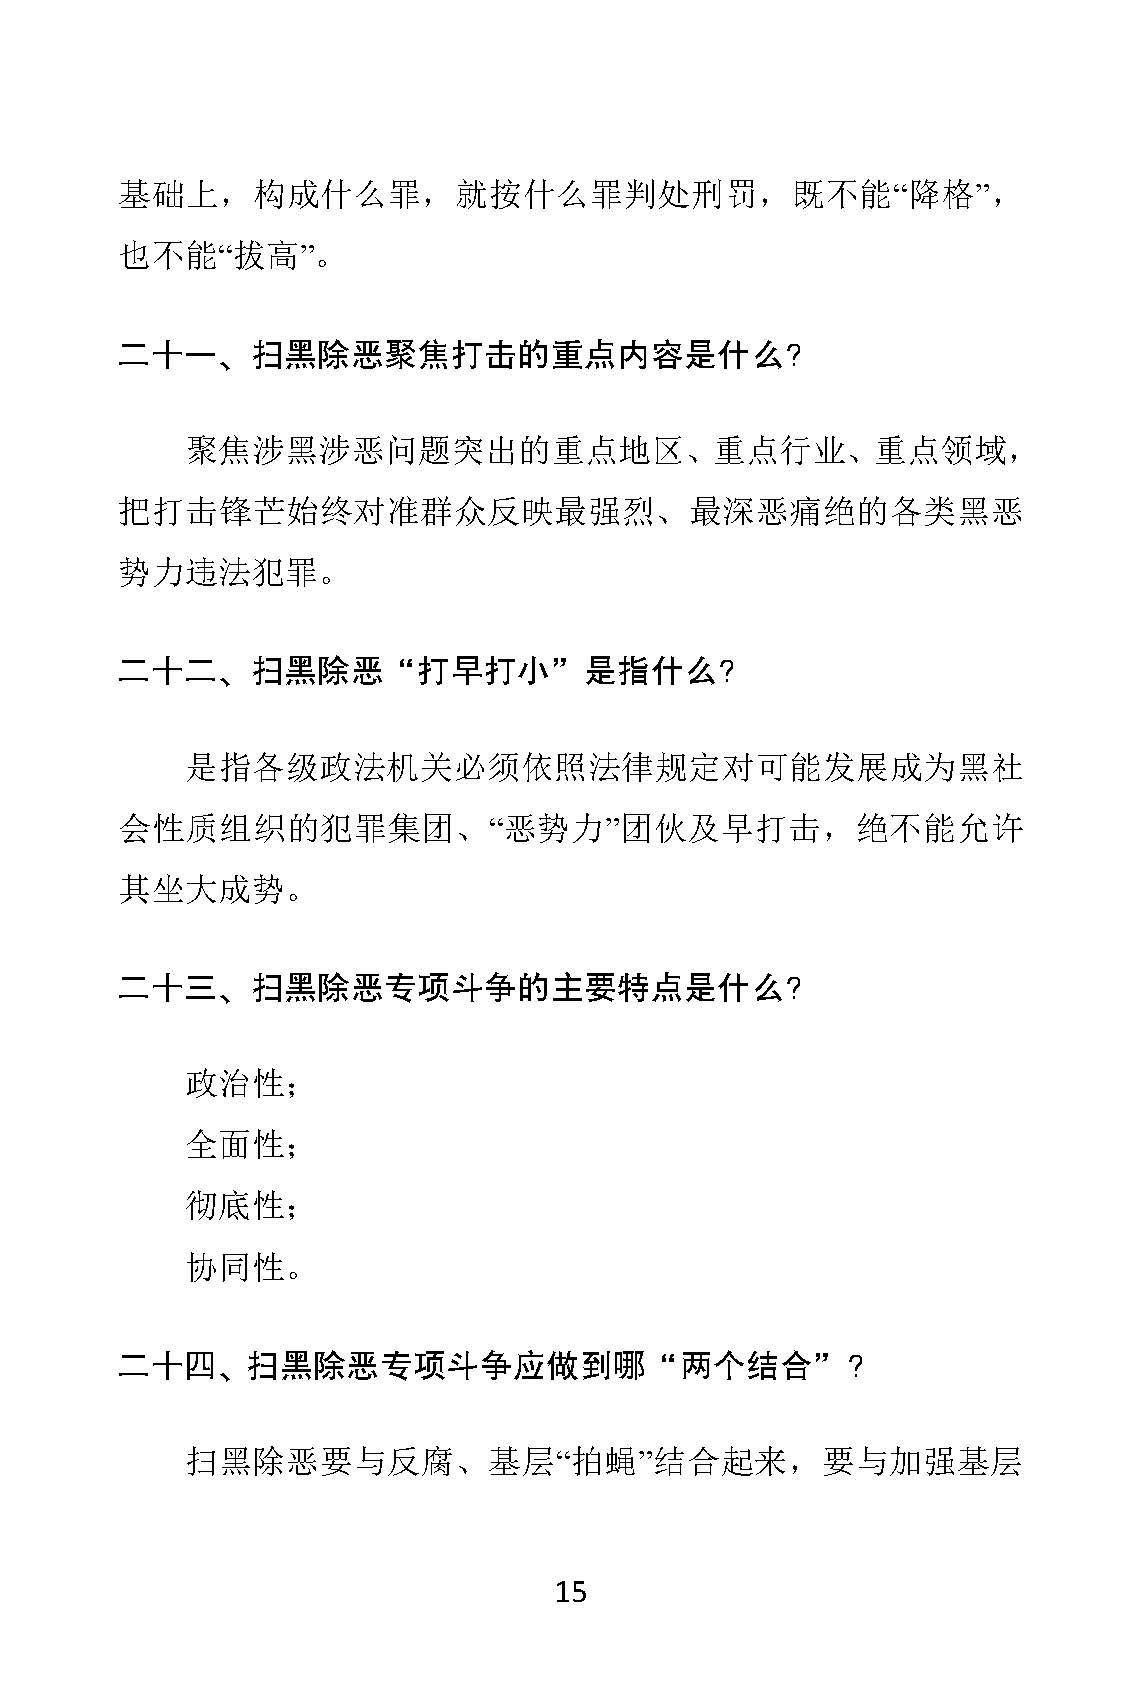 贺州市扫黑除恶  应知应会知识汇编_页面_15.jpg